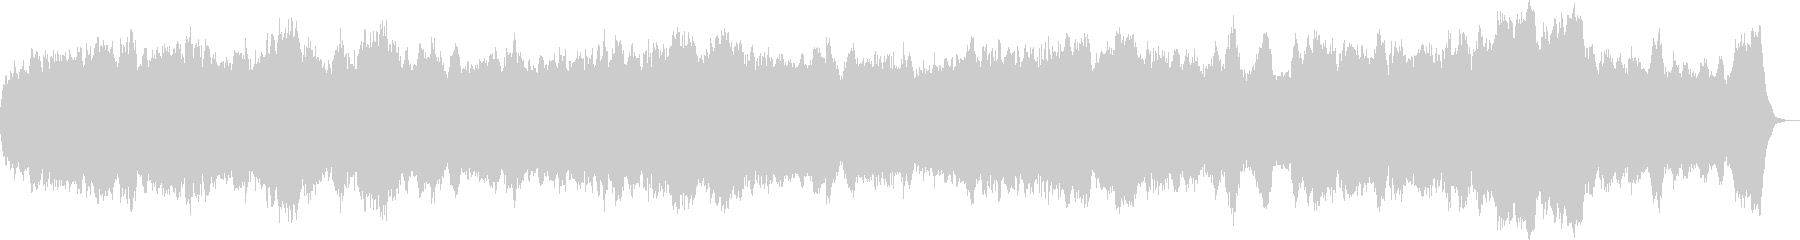 パイプオルガンのオリジナル讃美歌の未再生の波形